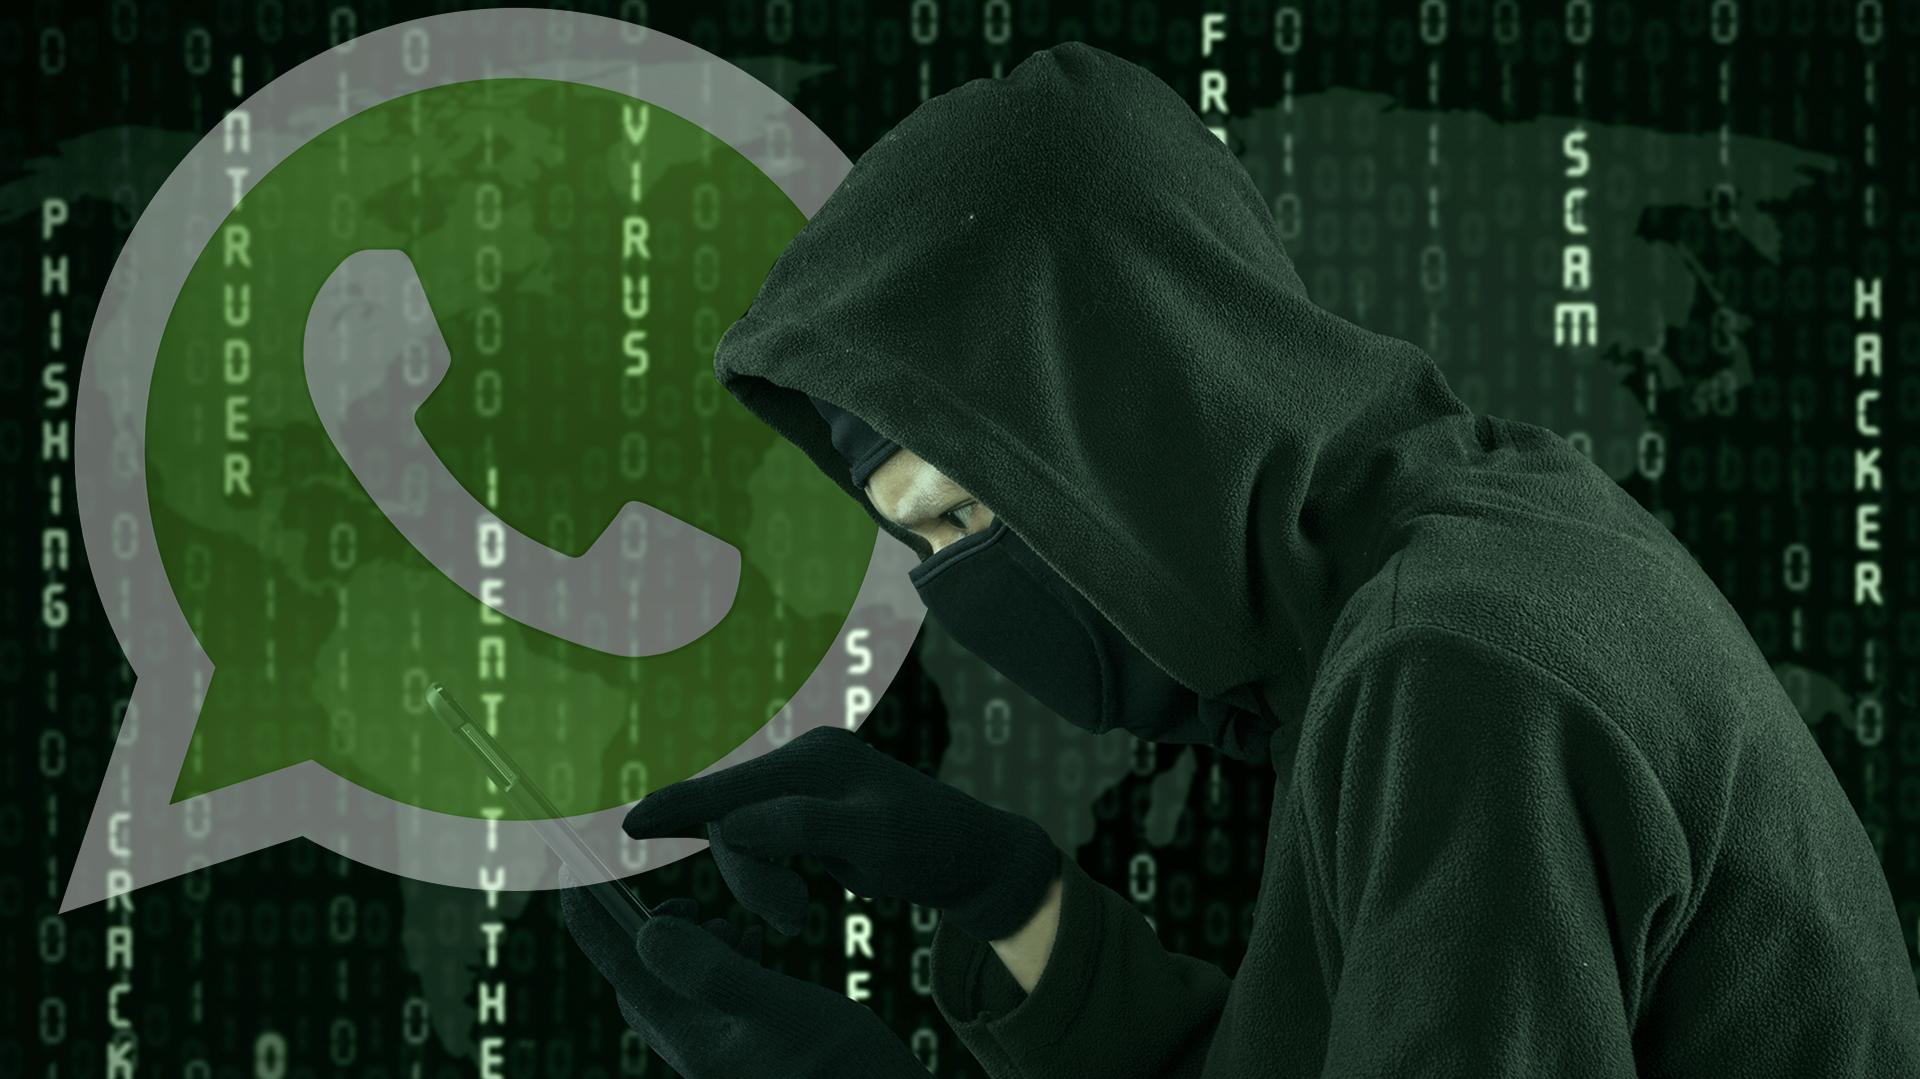 Circula una estafa por WhatsApp con falsos cupones de conocidos hipermercados